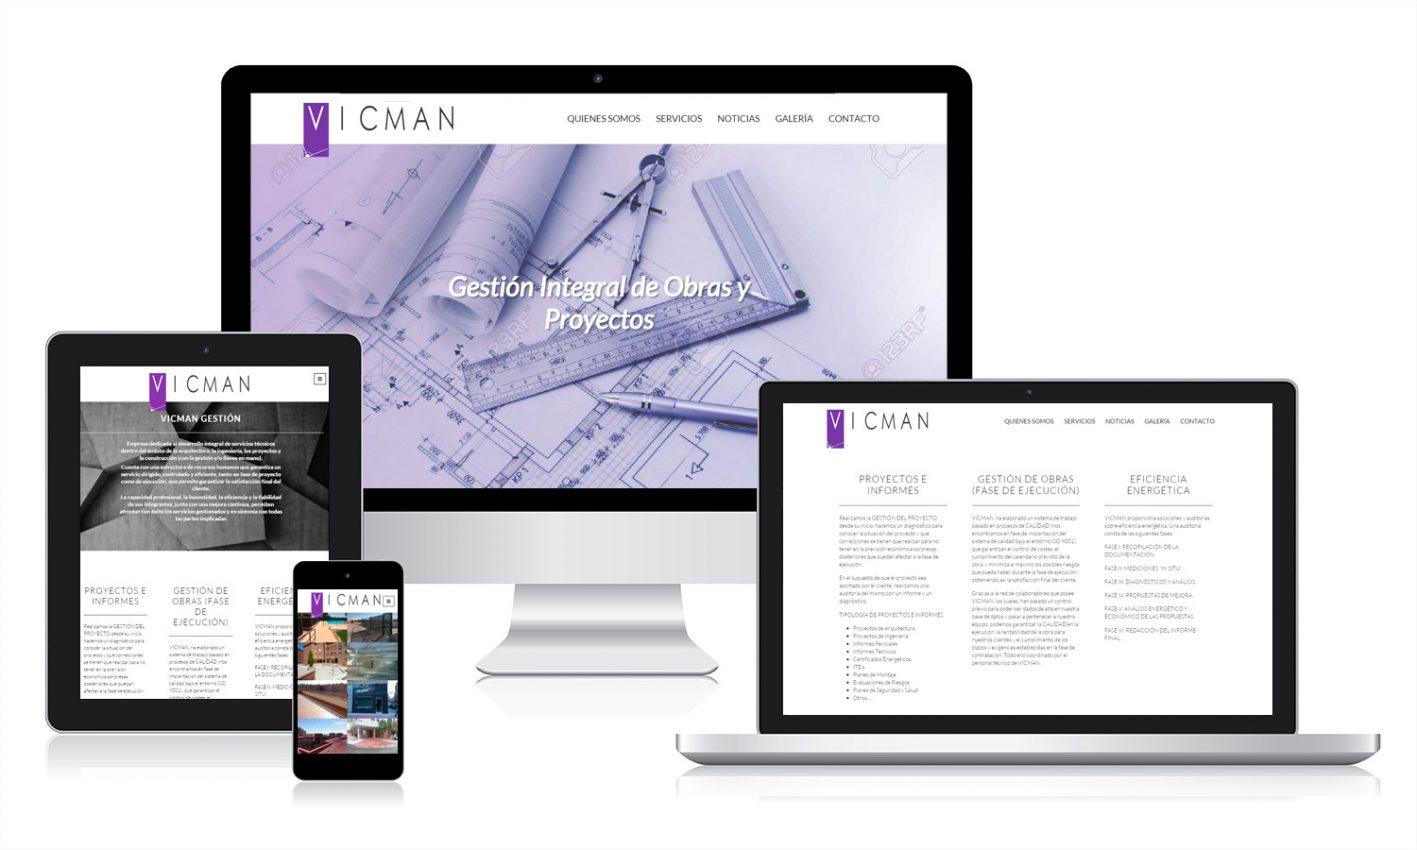 Desarrollo página web para Vicman Gestión